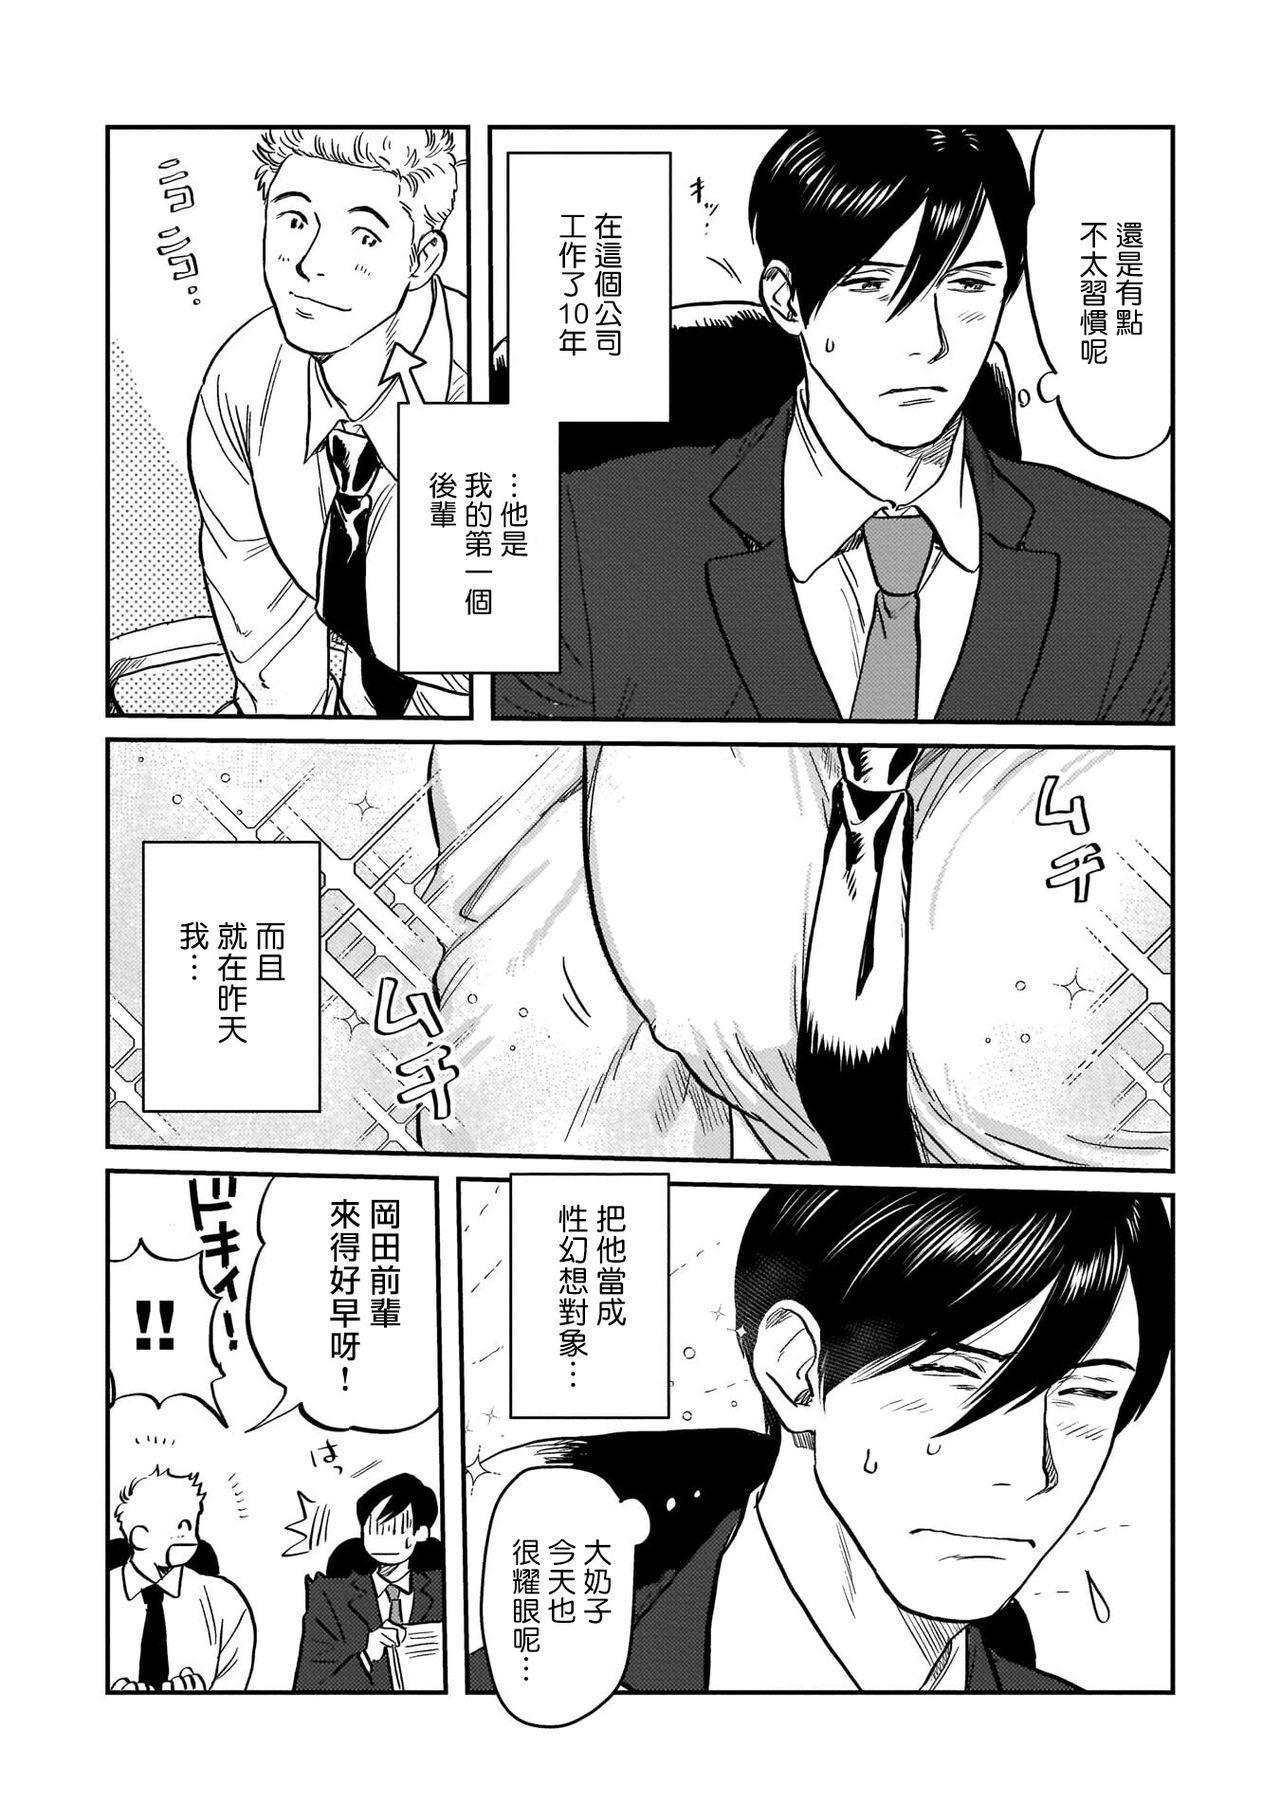 Kouhai no Oppai ga Suki Sugiru | 我太喜欢后辈的奶子了 Ch. 1-2 30